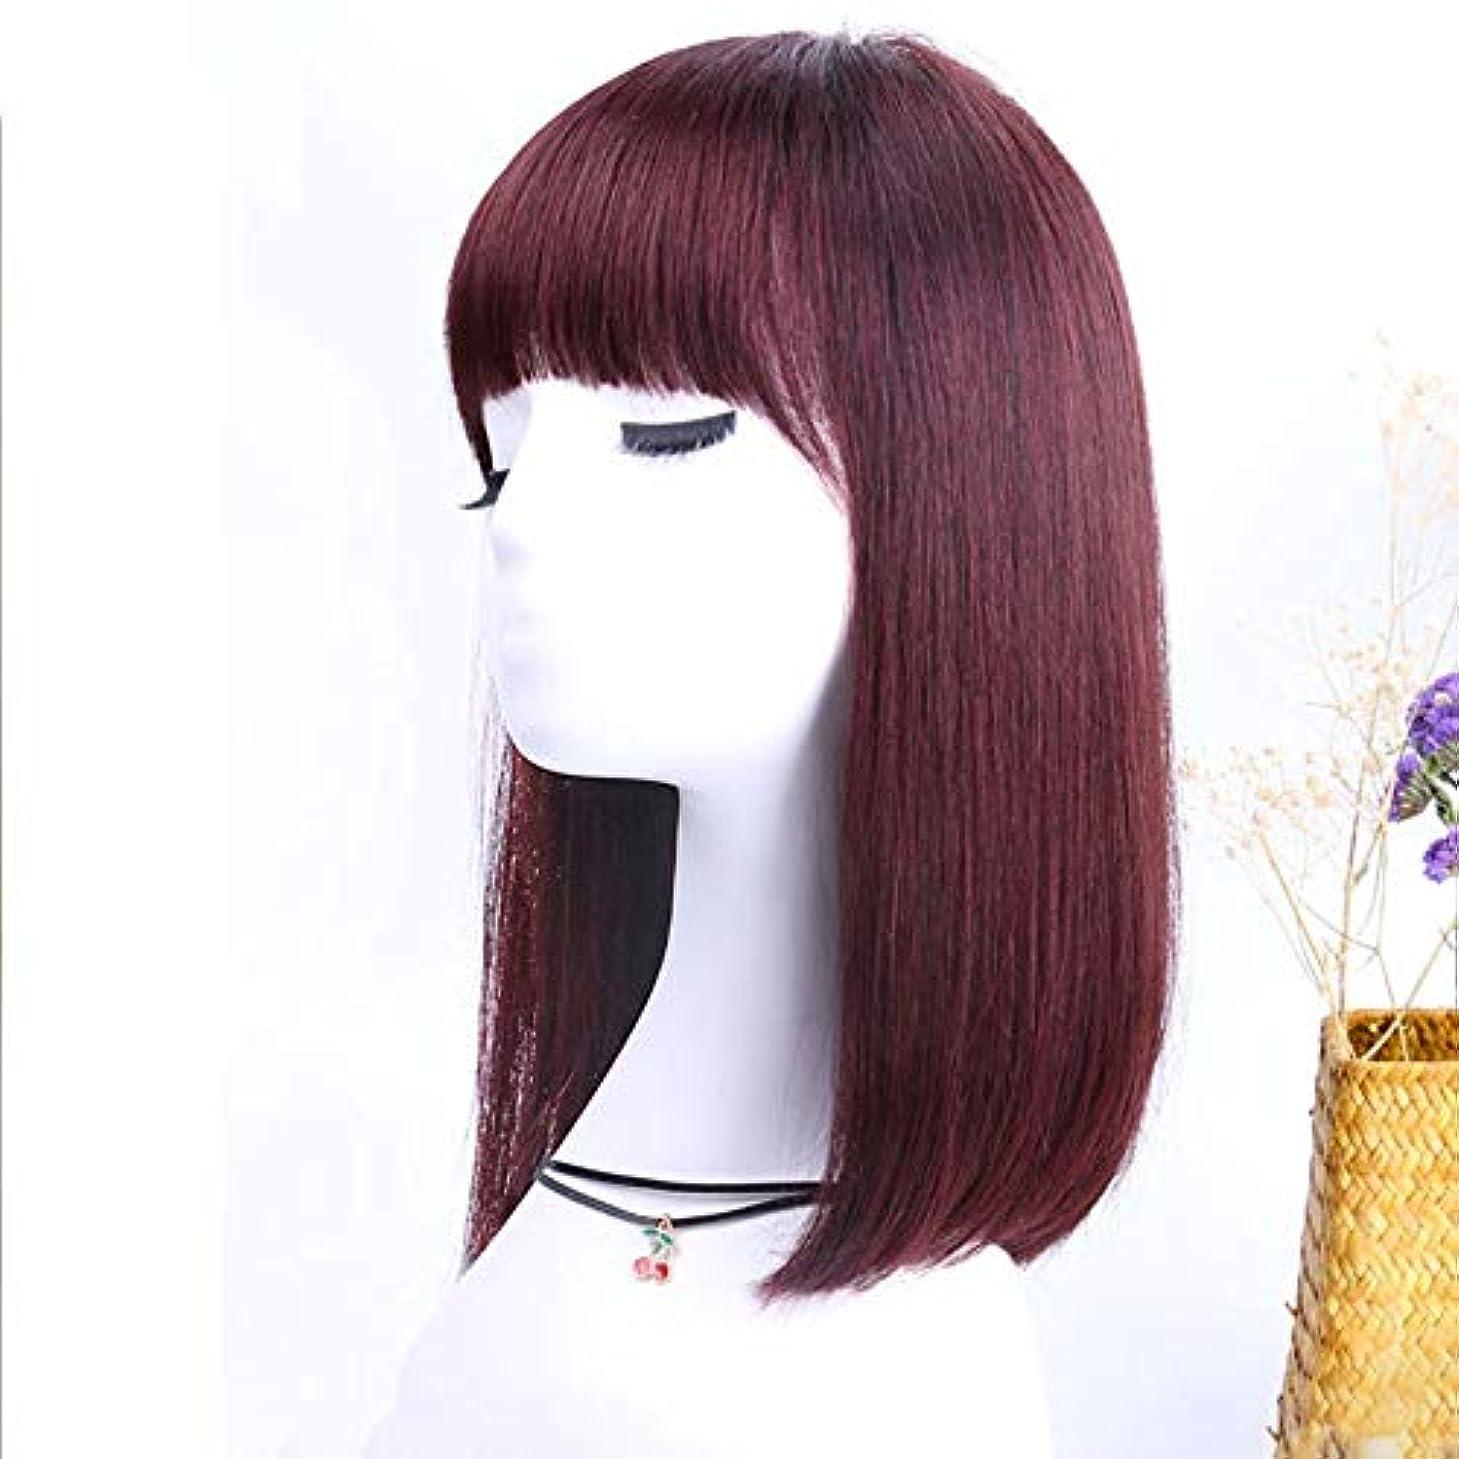 流体海洋のアセYOUQIU 女性のパーティードレス毎日ウィッグのために本物の人間の髪の毛ボブウィッグショルダーストレート髪の内側にバックル梨ヘッド (色 : Dark brown)